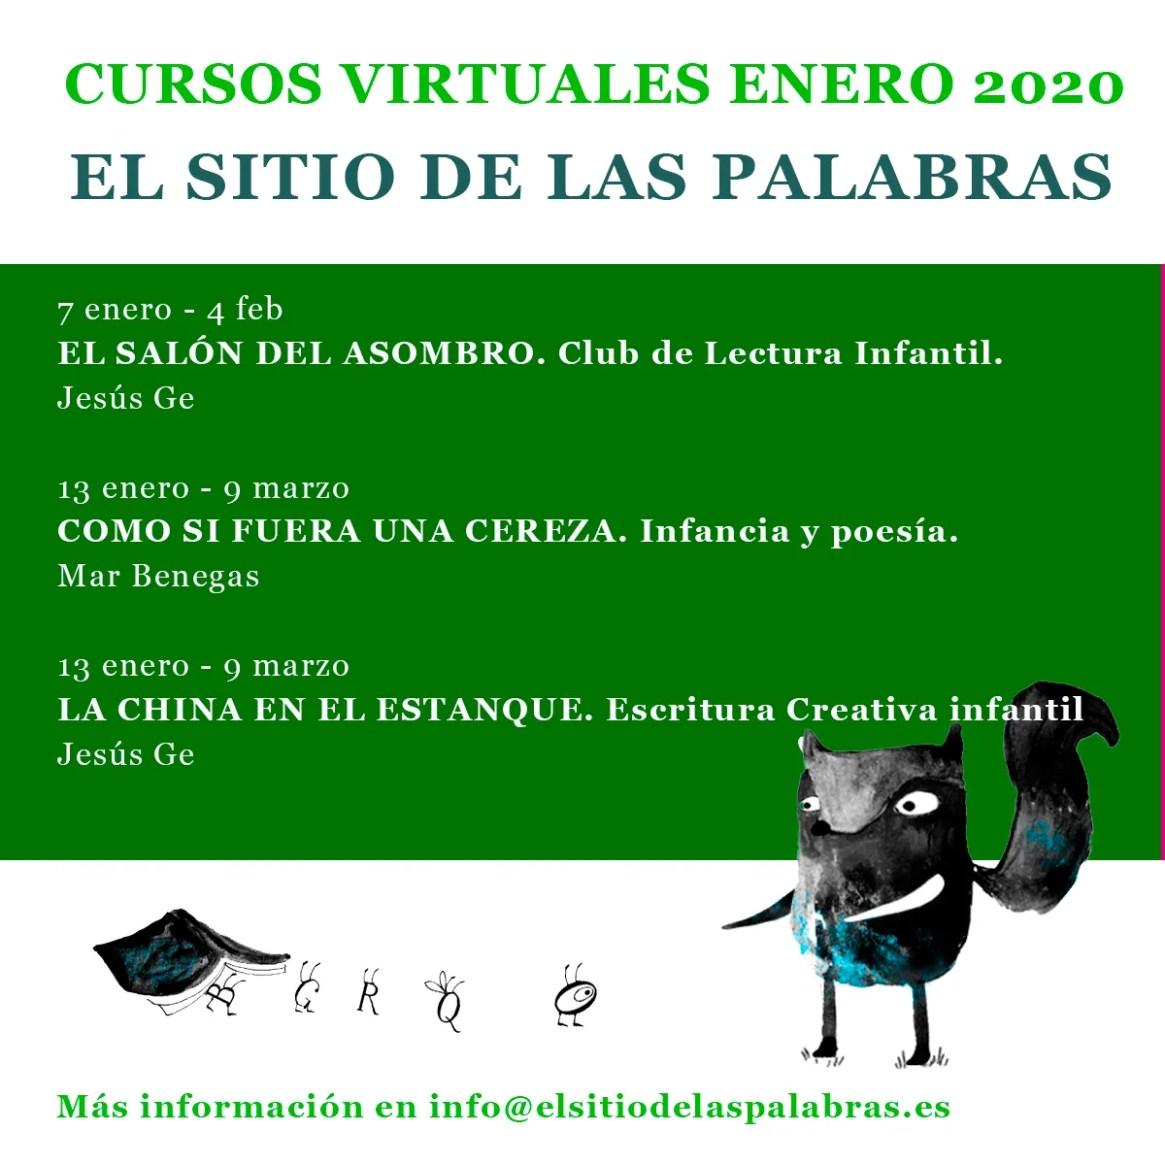 CURSOS-enero-2020-800-x-800